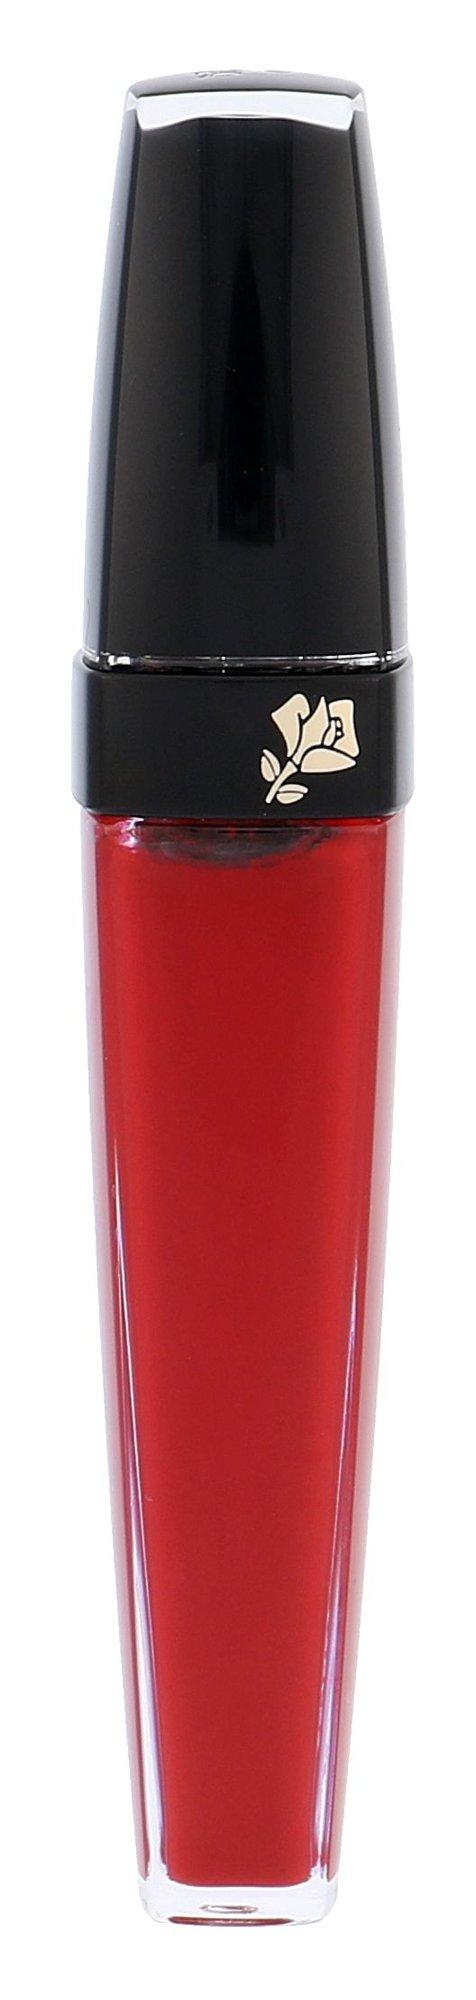 Lancôme L Absolu Cosmetic 6ml 197 Velours De Grenade Velours